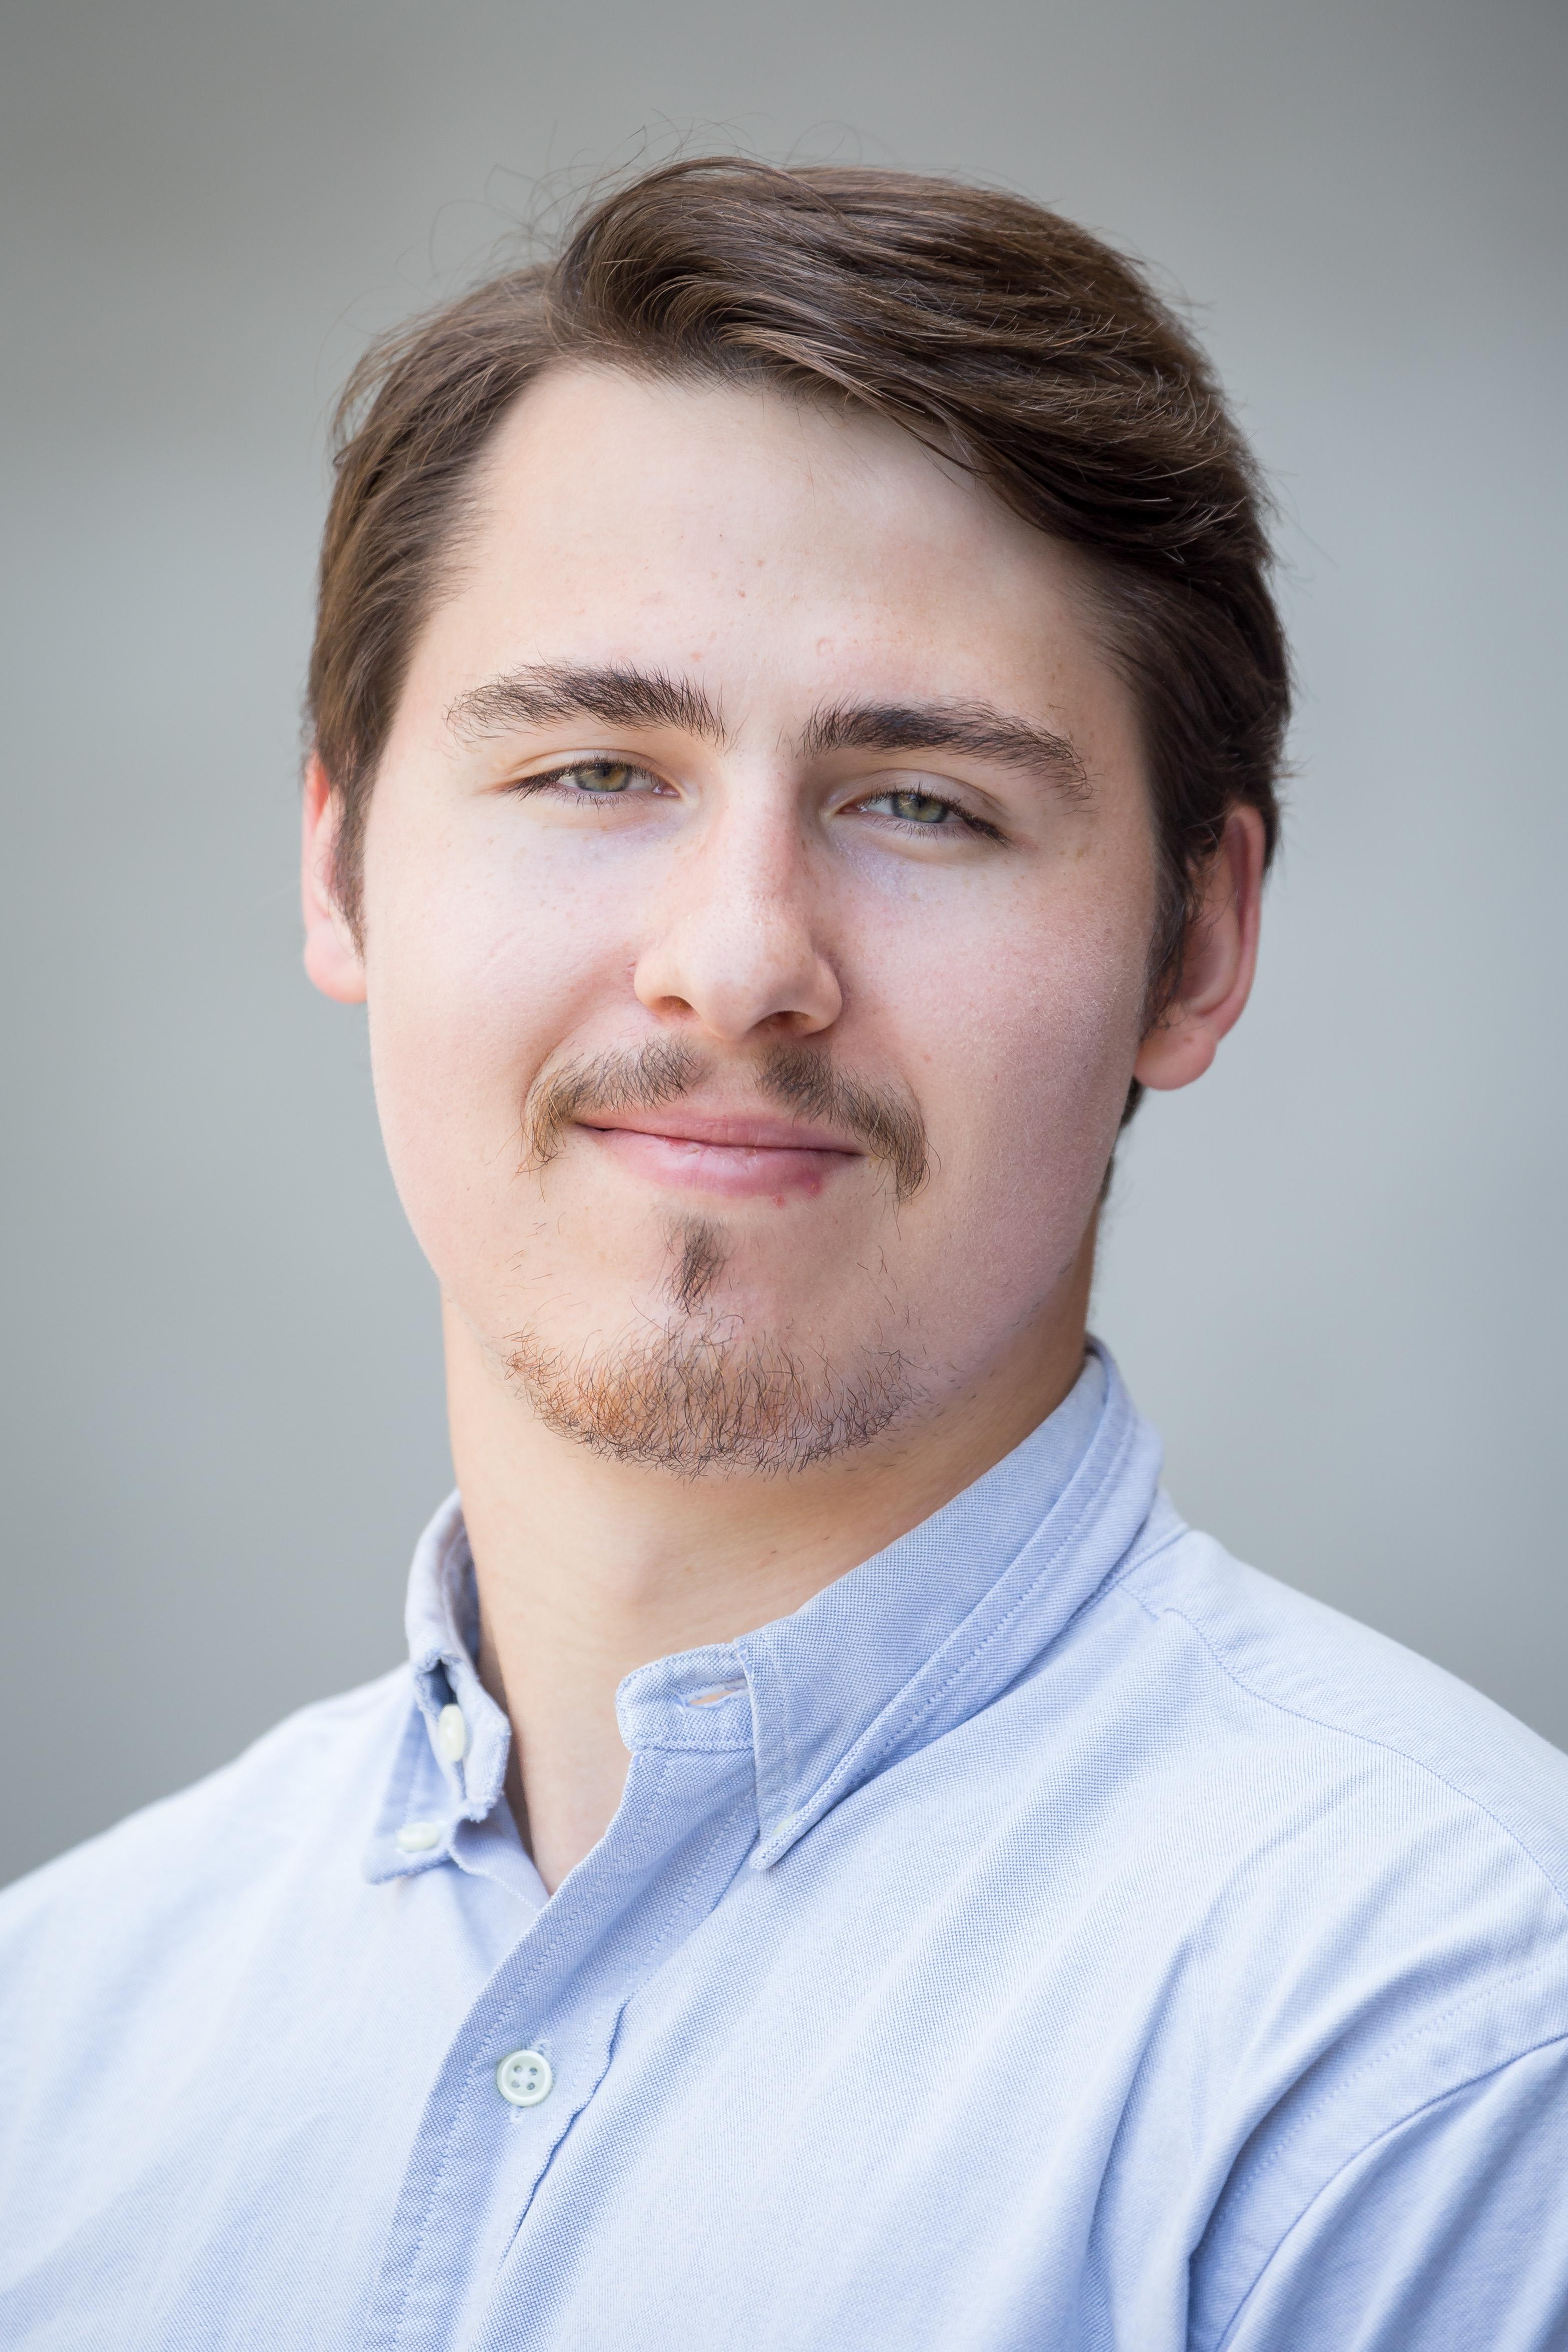 Gavin Elias